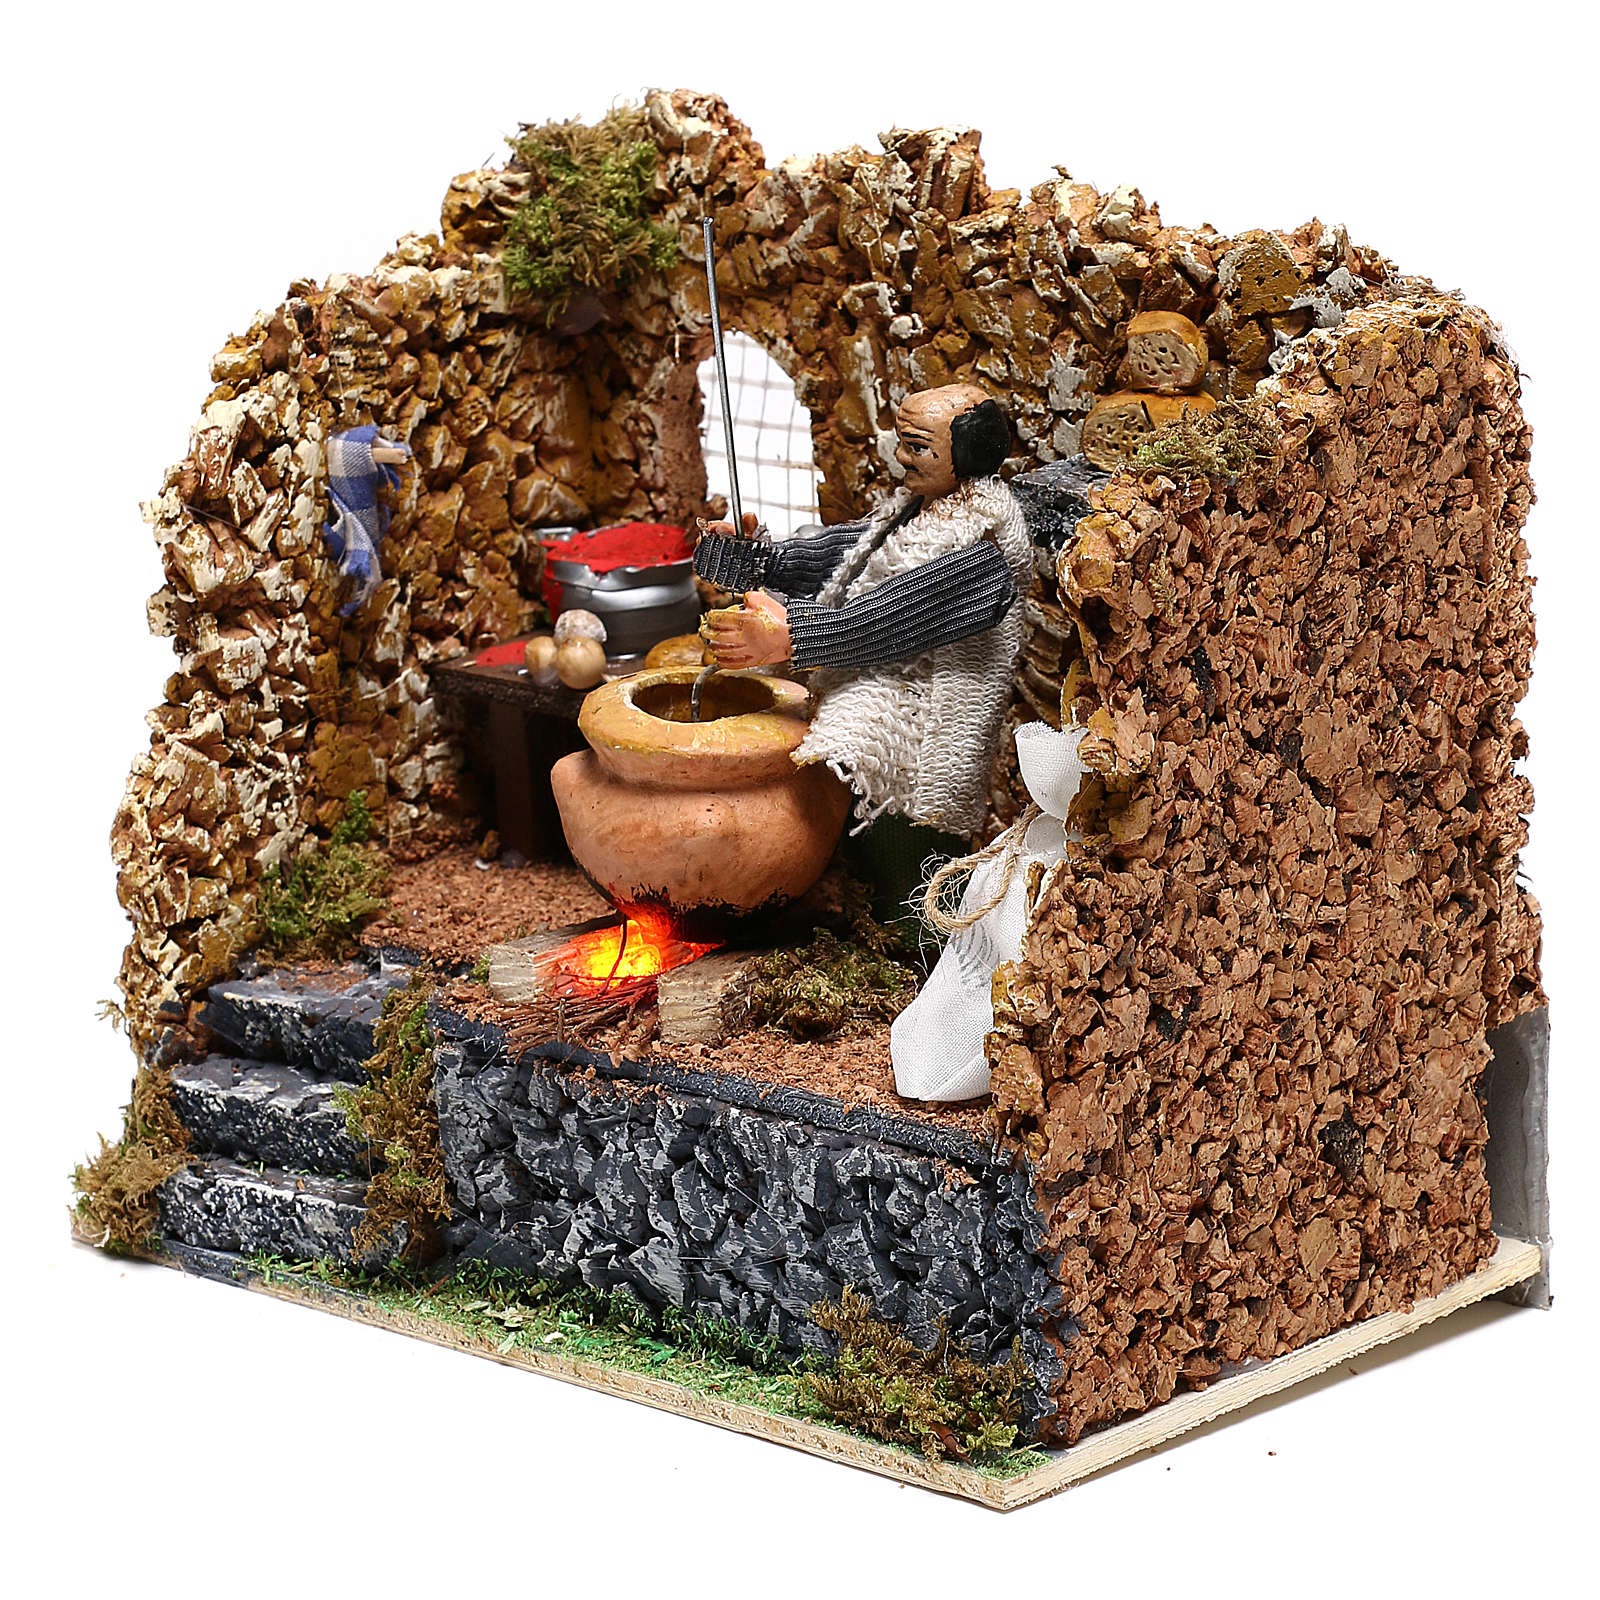 Chestnut seller in motion for Neapolitan Nativity scene of 8 cm 4